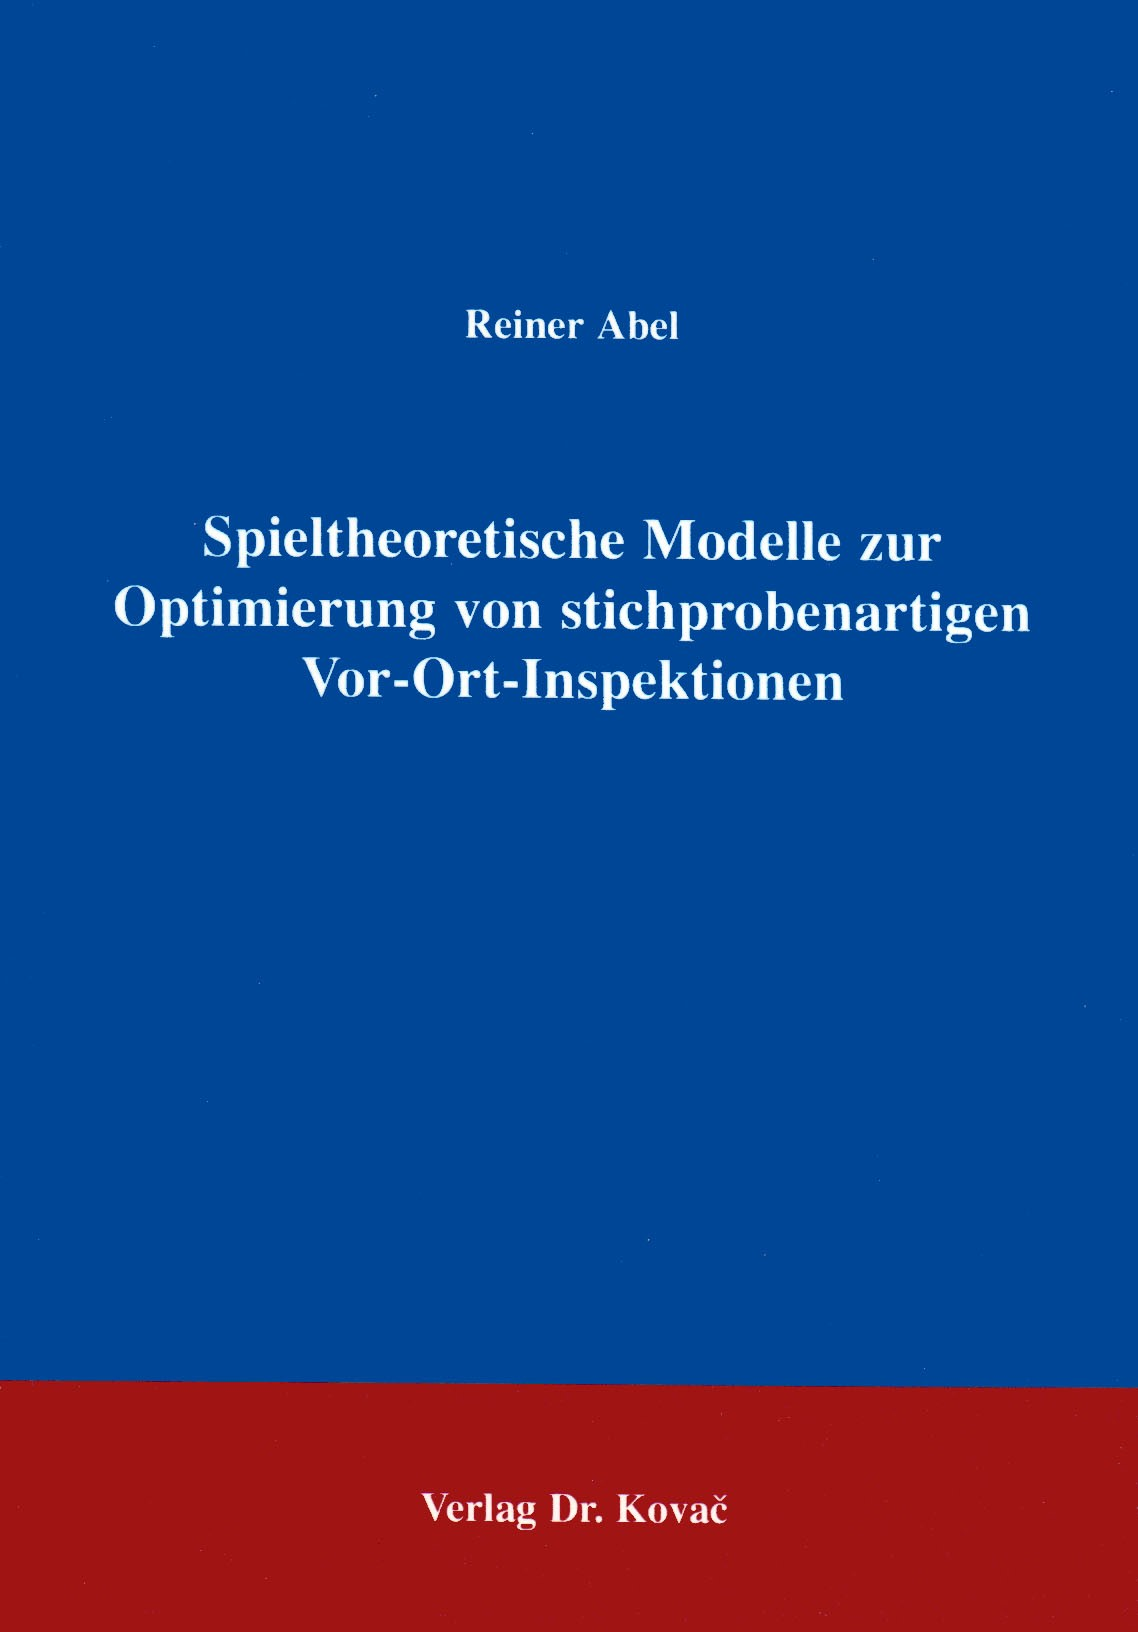 Spieltheoretische Modelle zur Optimierung von stichprobenartigen Vor-Ort-Inspektionen   Abel, 1997   Buch (Cover)